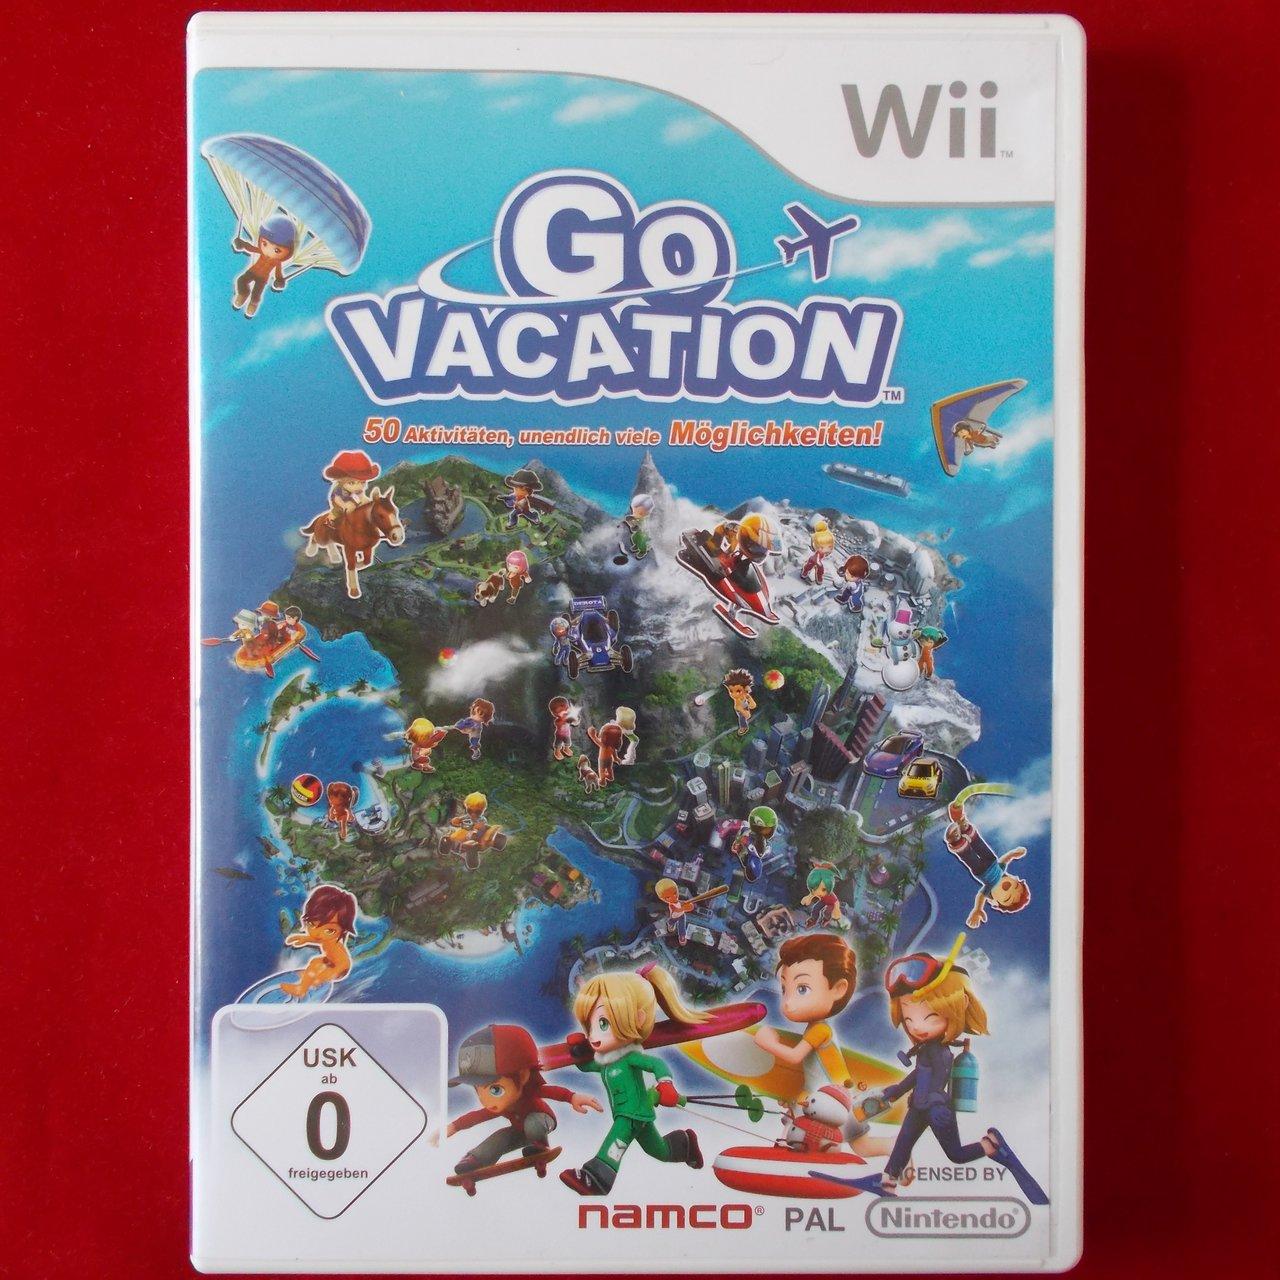 Go Vacation Wii U: Nintendo WII Go Vacation WII U 45496400590